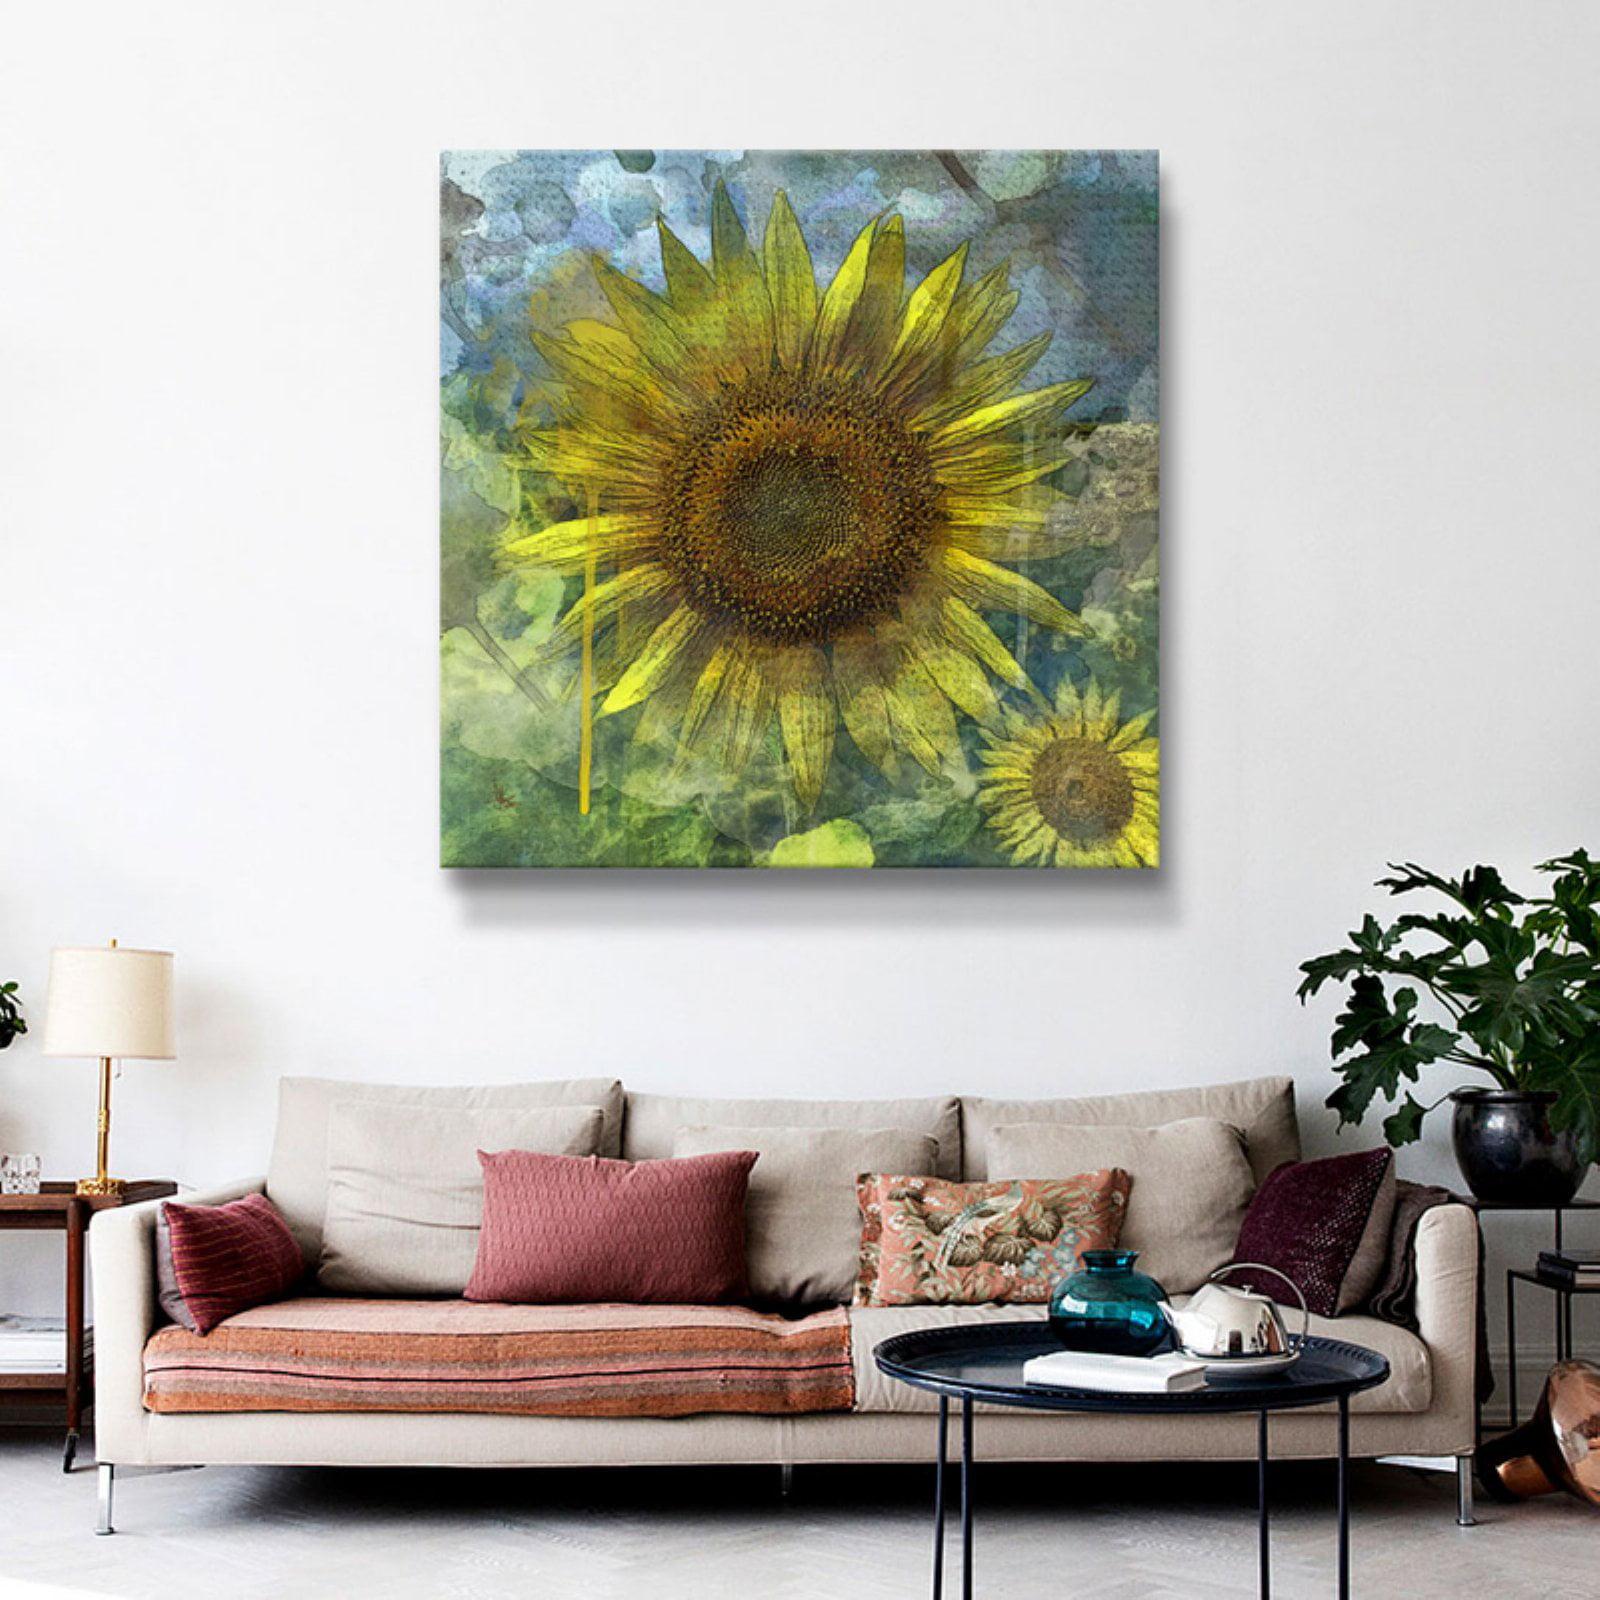 Brushstone Sunflower for Alicia by Scott Medwetz Removable Wall Art Mural